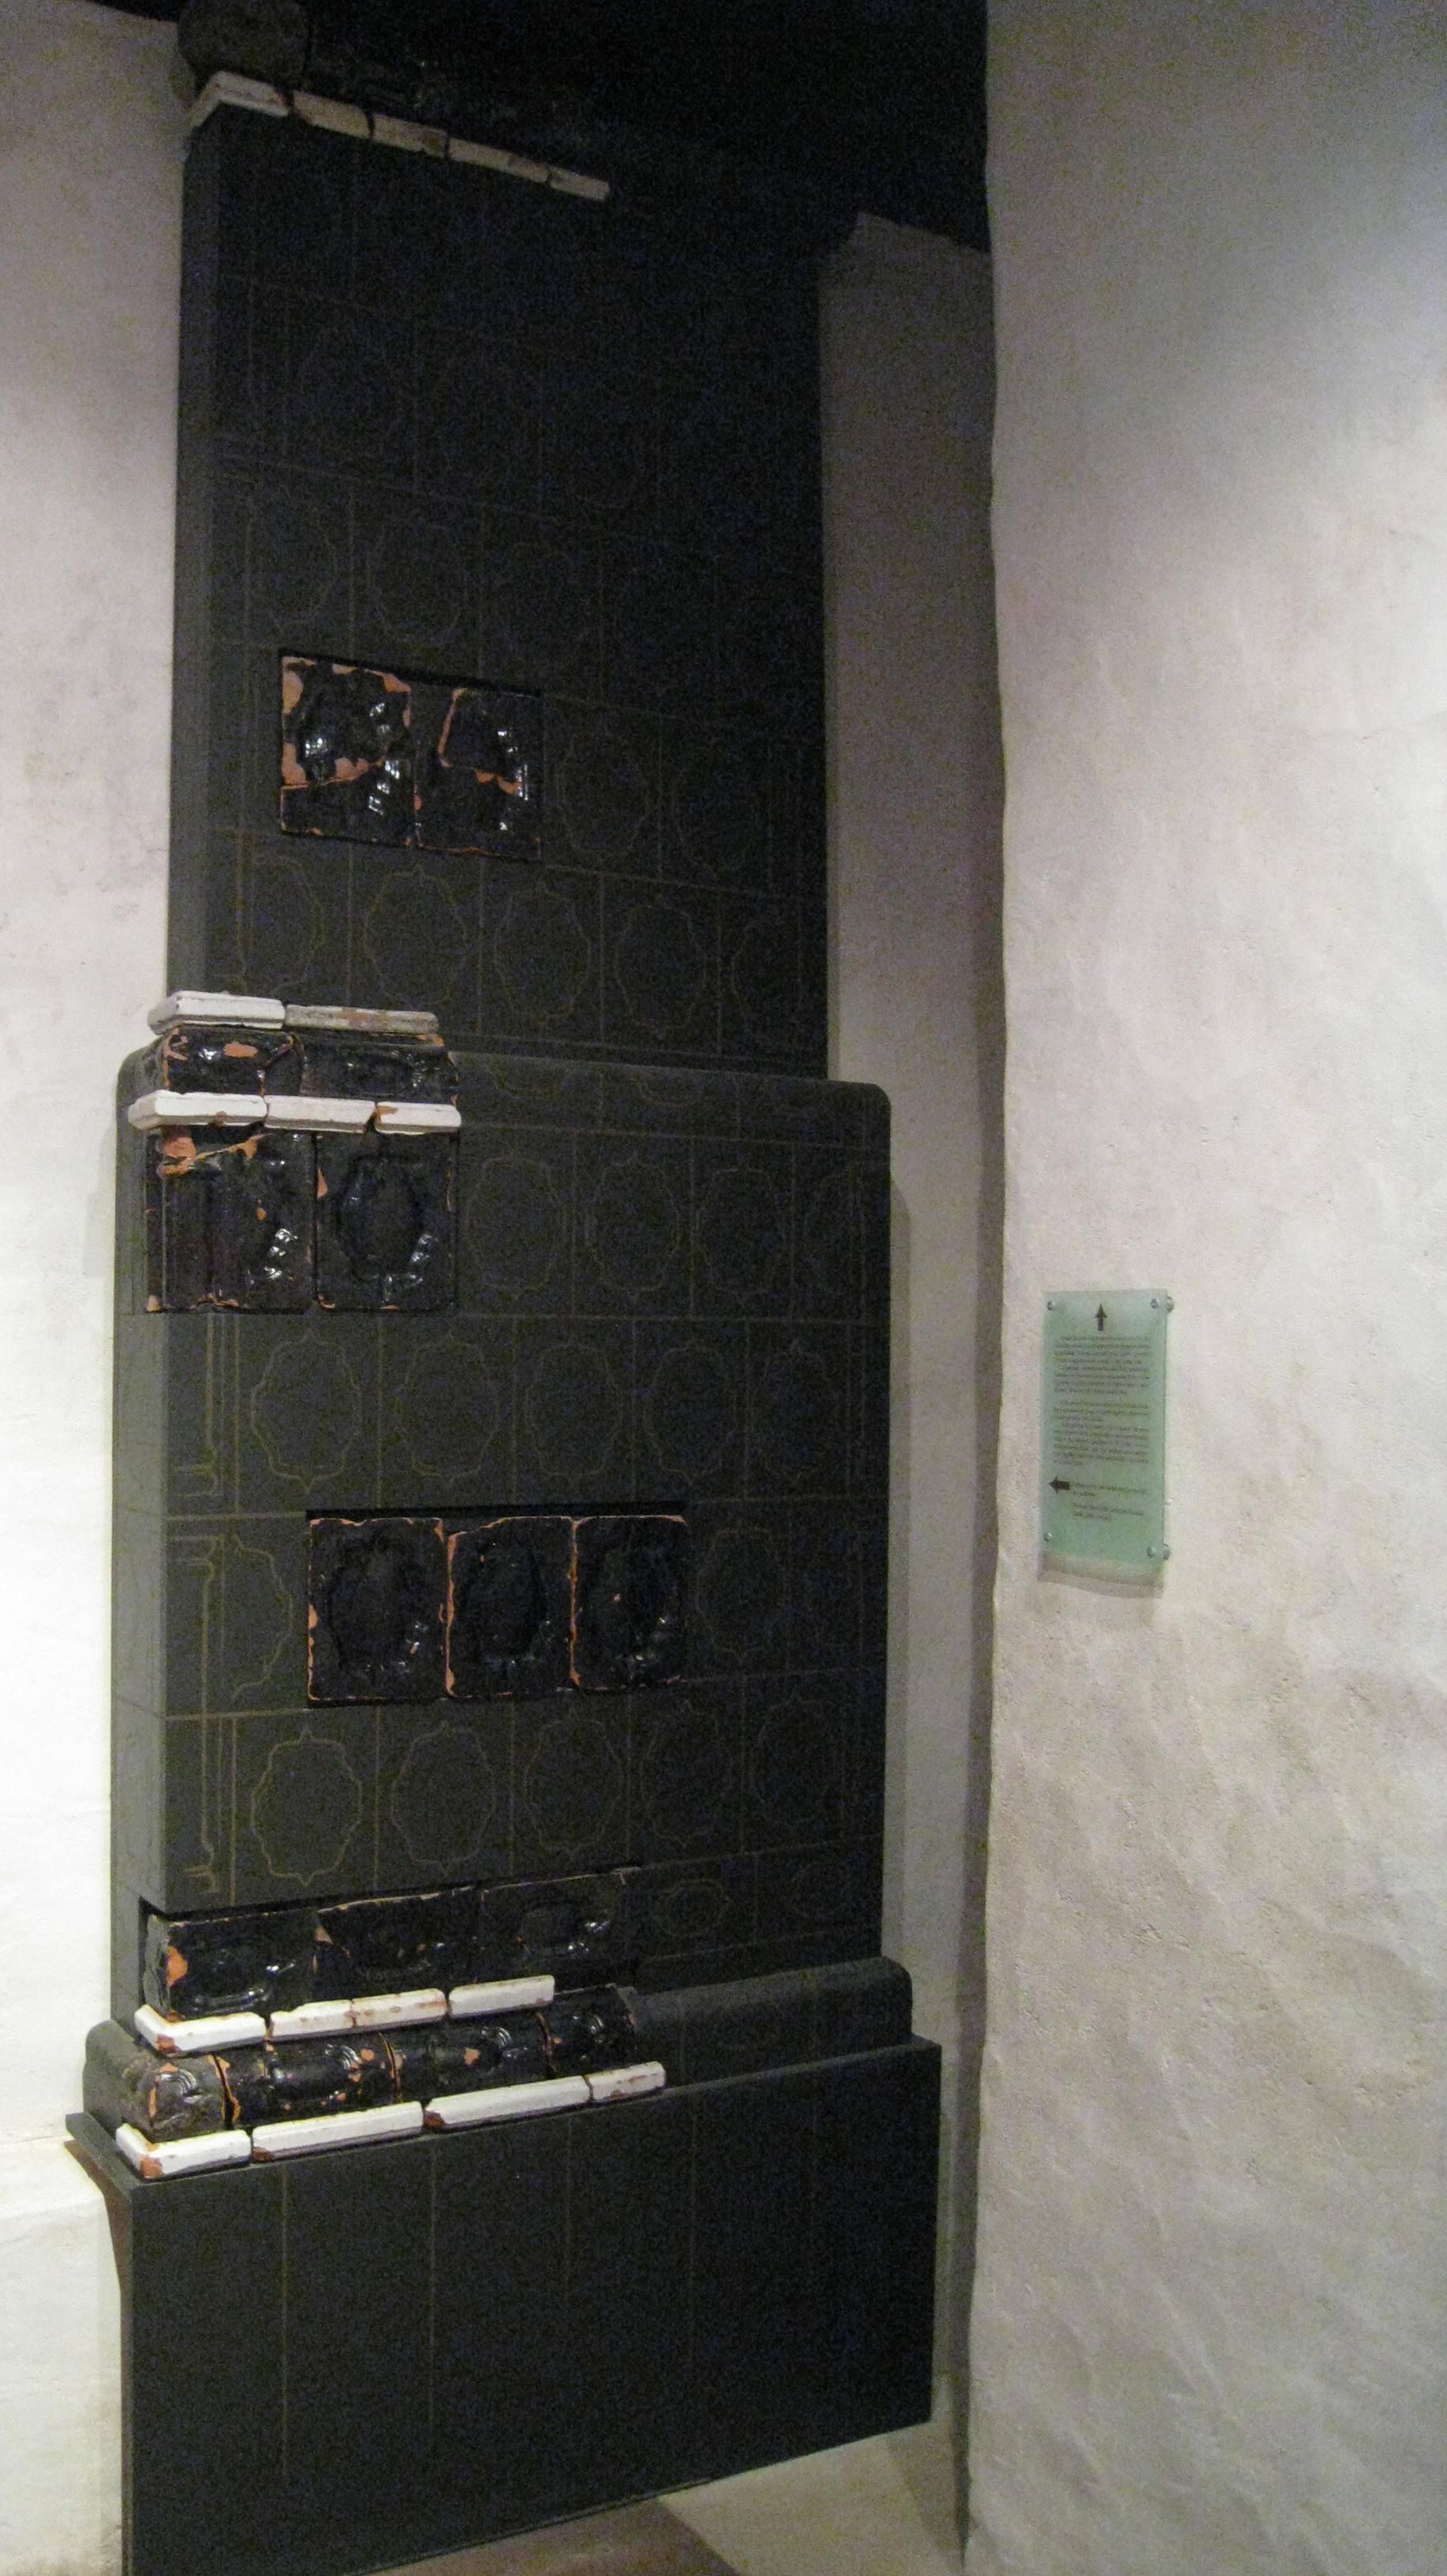 No 18. gs. pirmās puses krāsns podiņiem veidots baroka stila krāsns atdarinājums Turaidas pils Rietumu korpusa ekspozīcijā